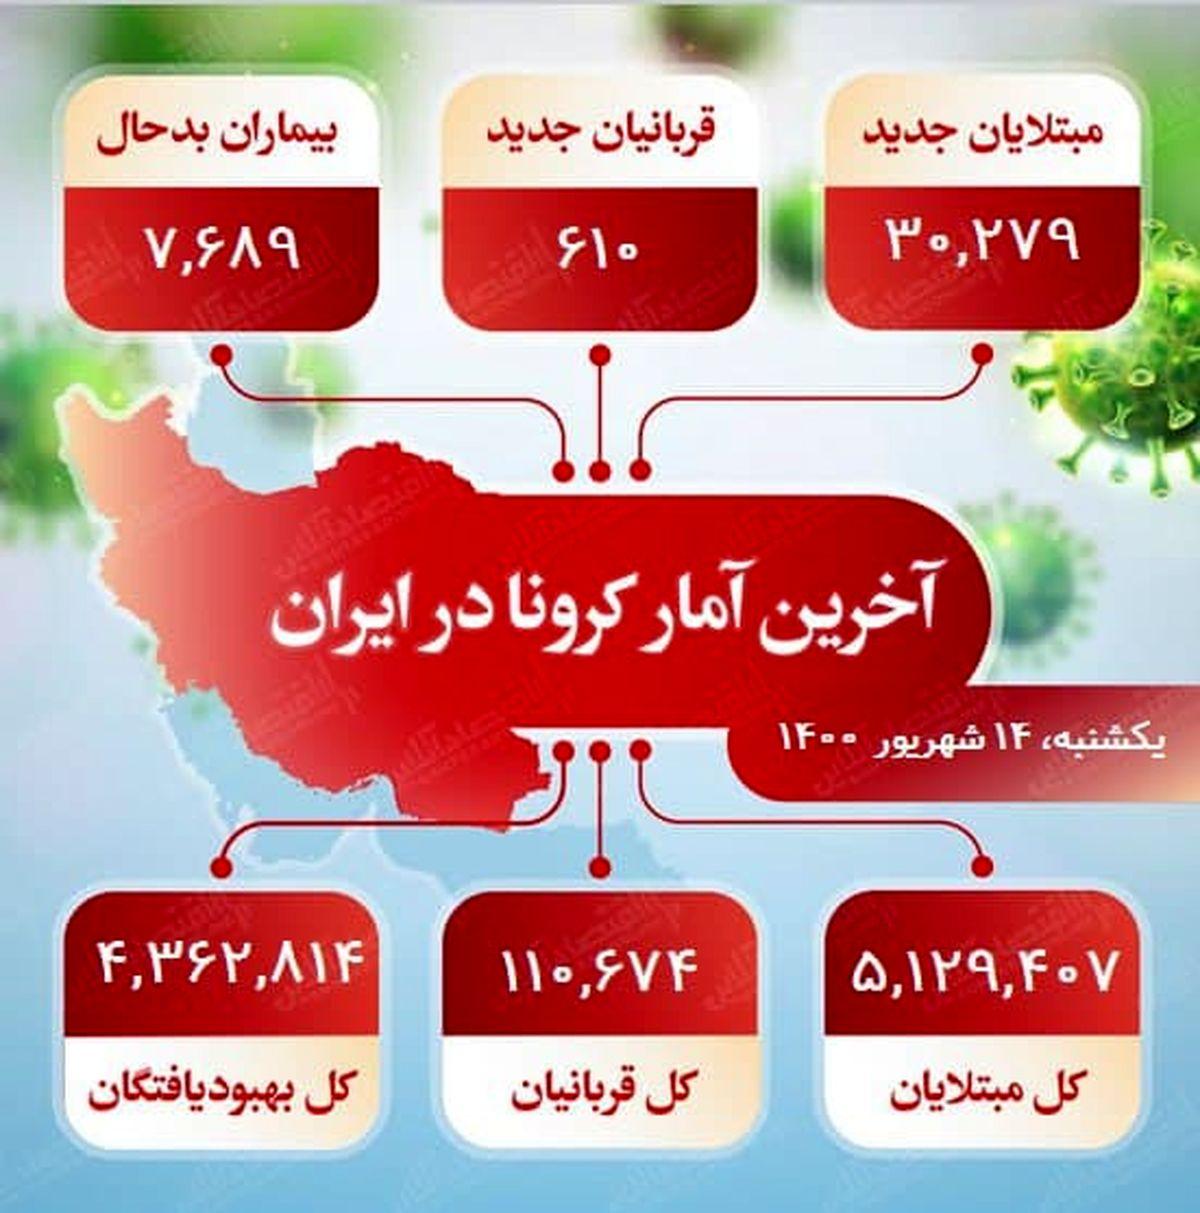 آخرین آمار کرونا در ایران (۱۴۰۰/۶/۱۴)